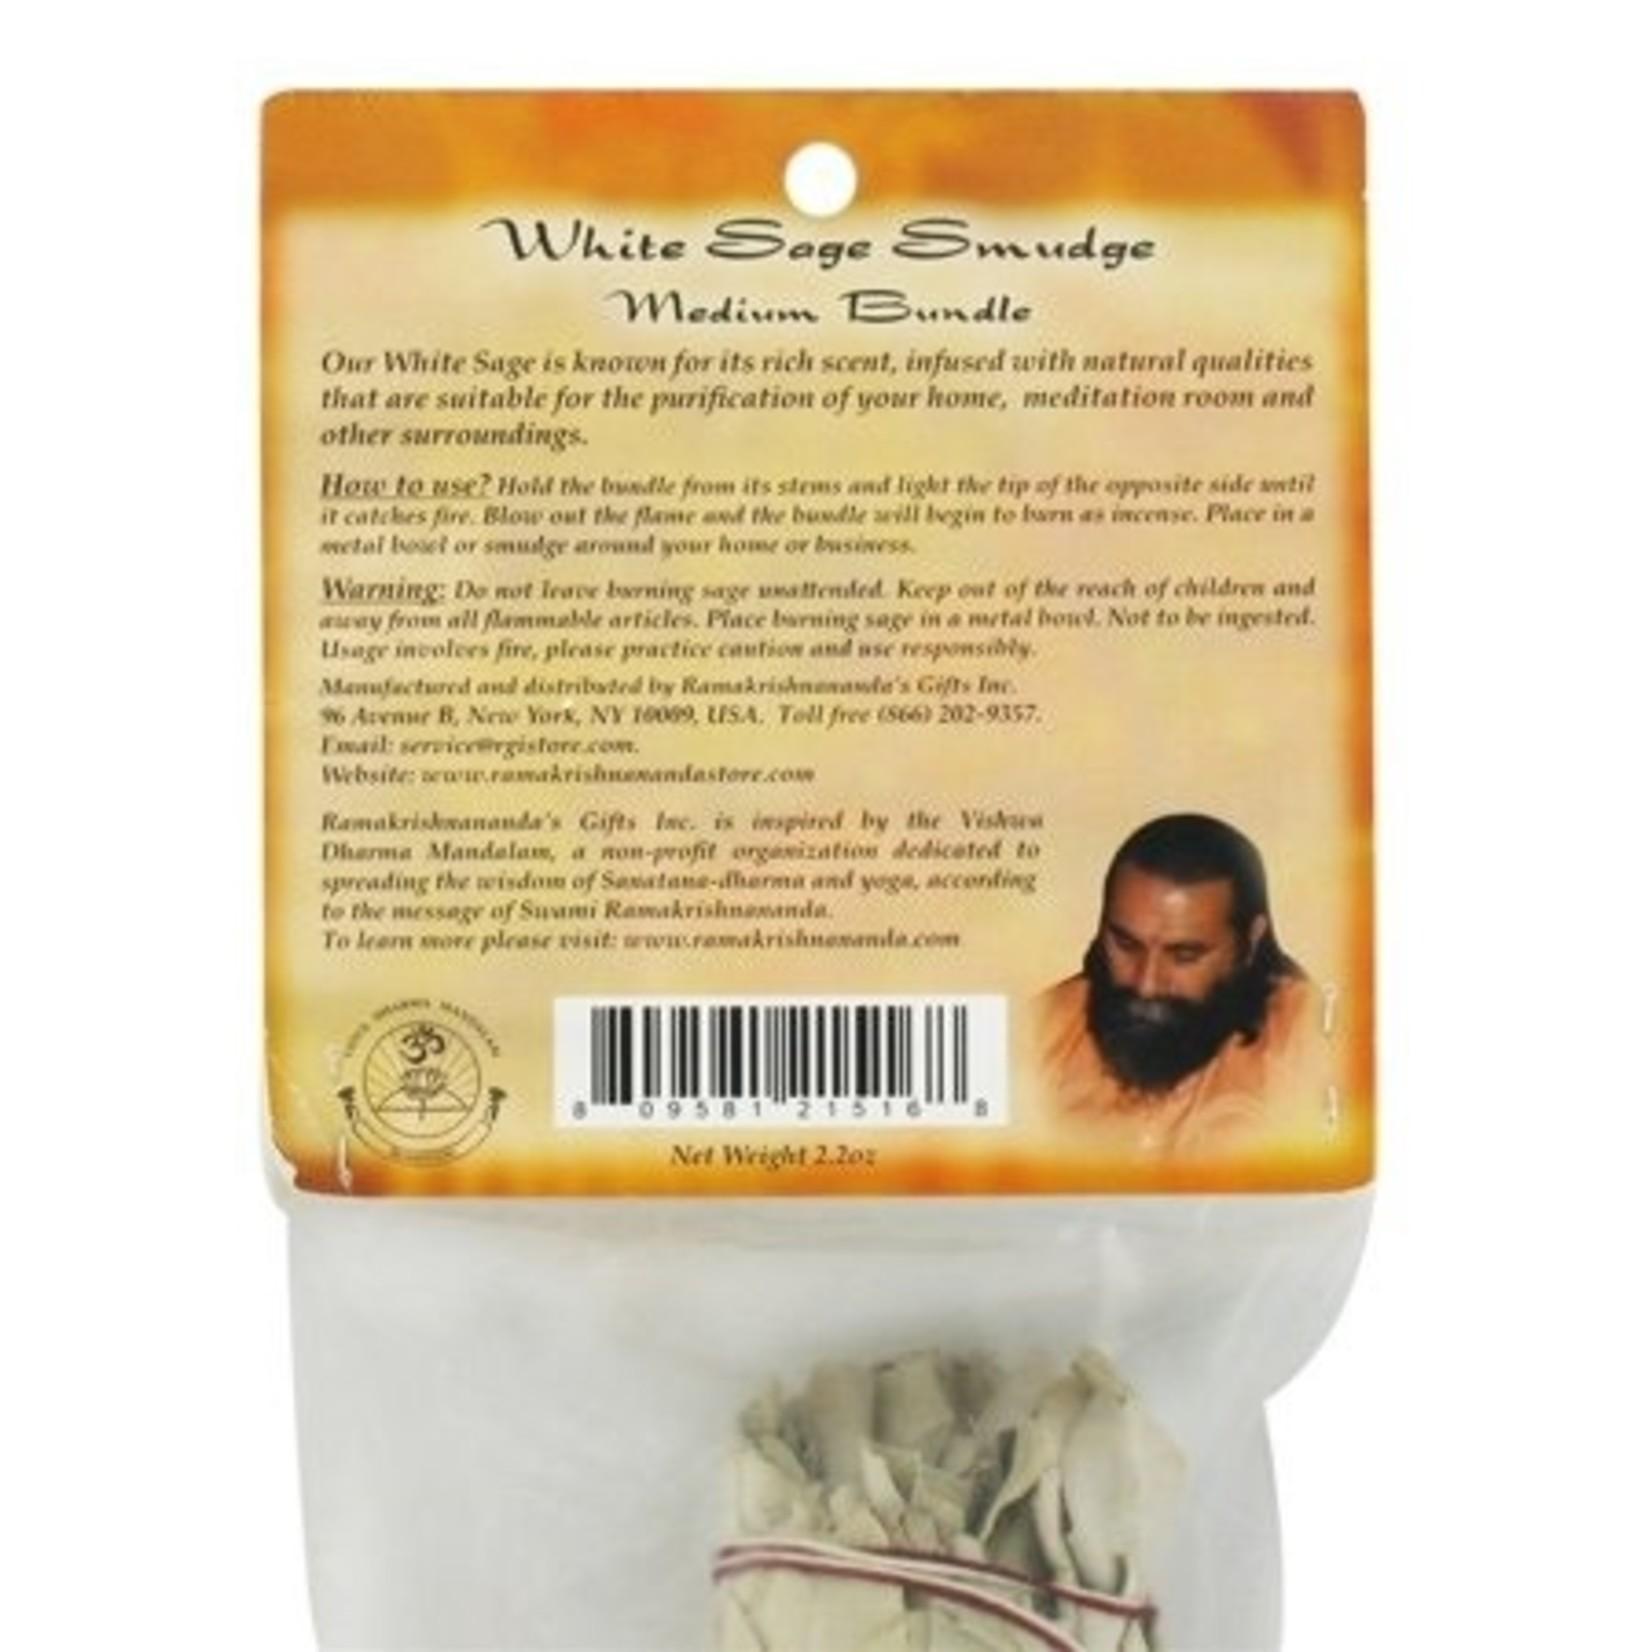 Prabhujis Gifts White Sage Smudge Stick - Medium Bundle